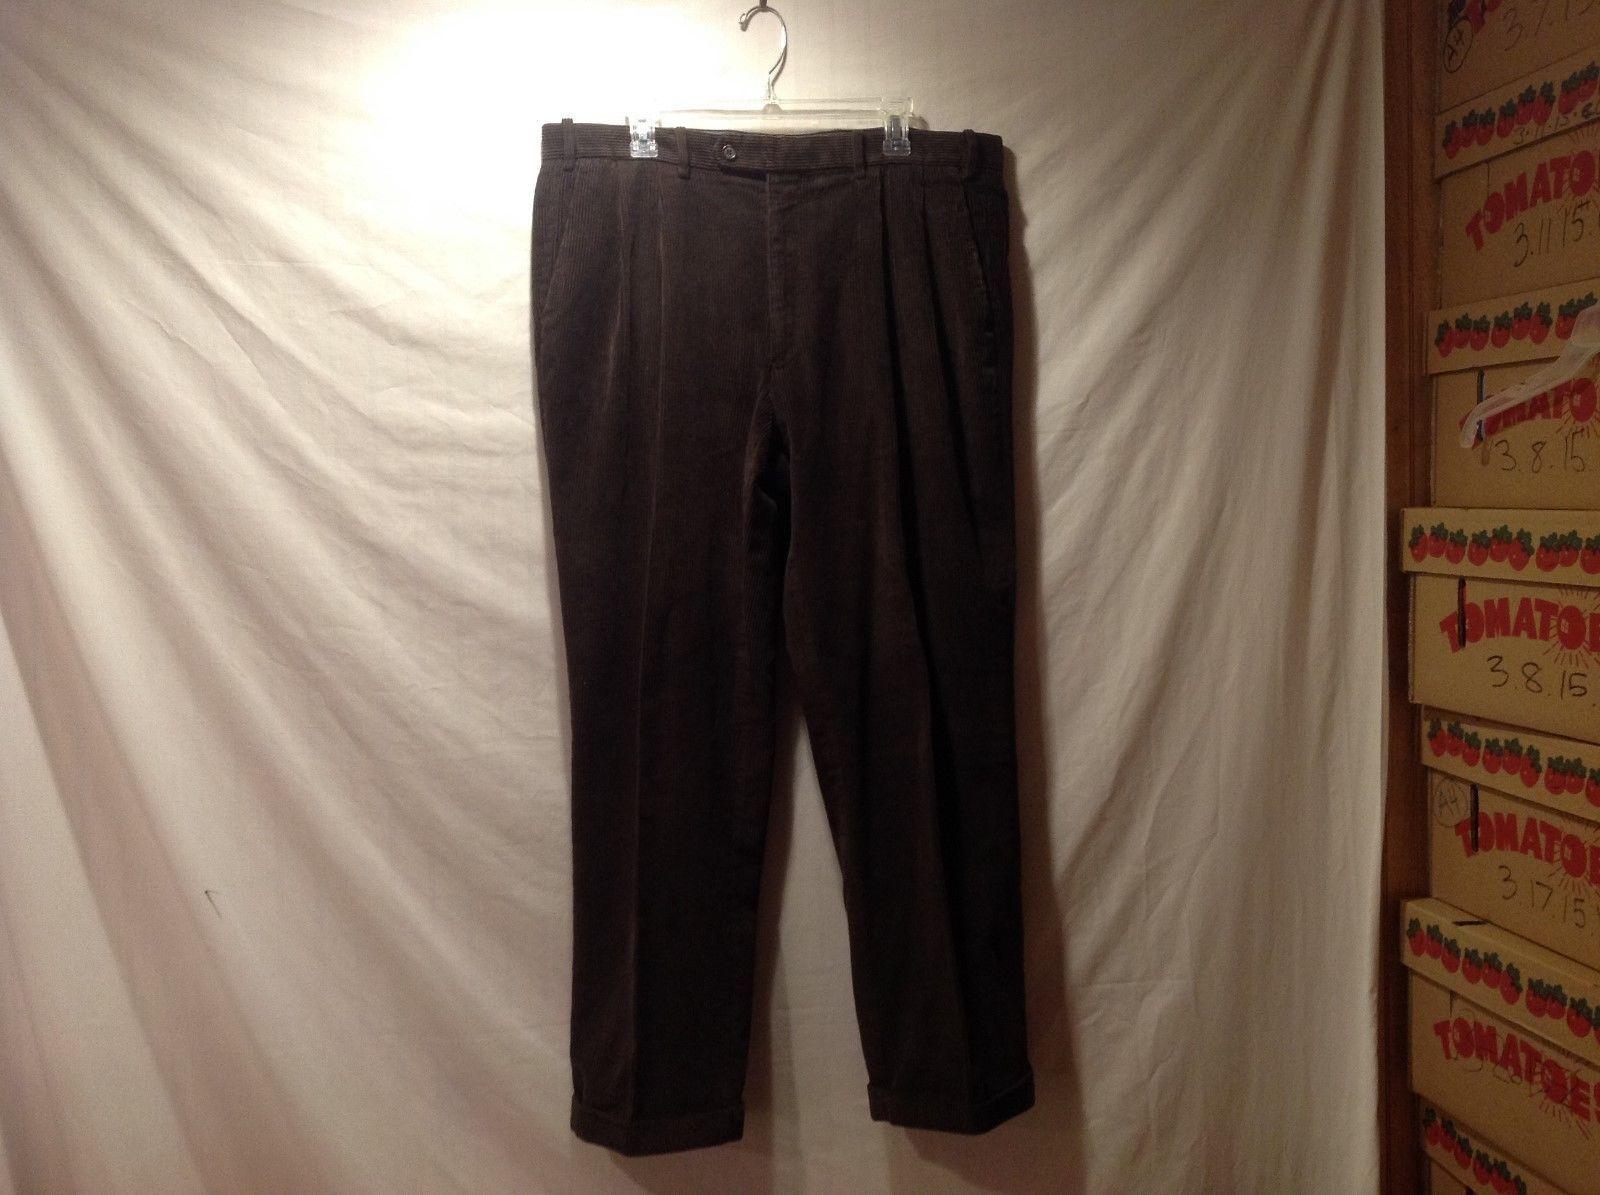 Ralph Lauren Dark Brown Cuffed Corduroys 100% Cotton